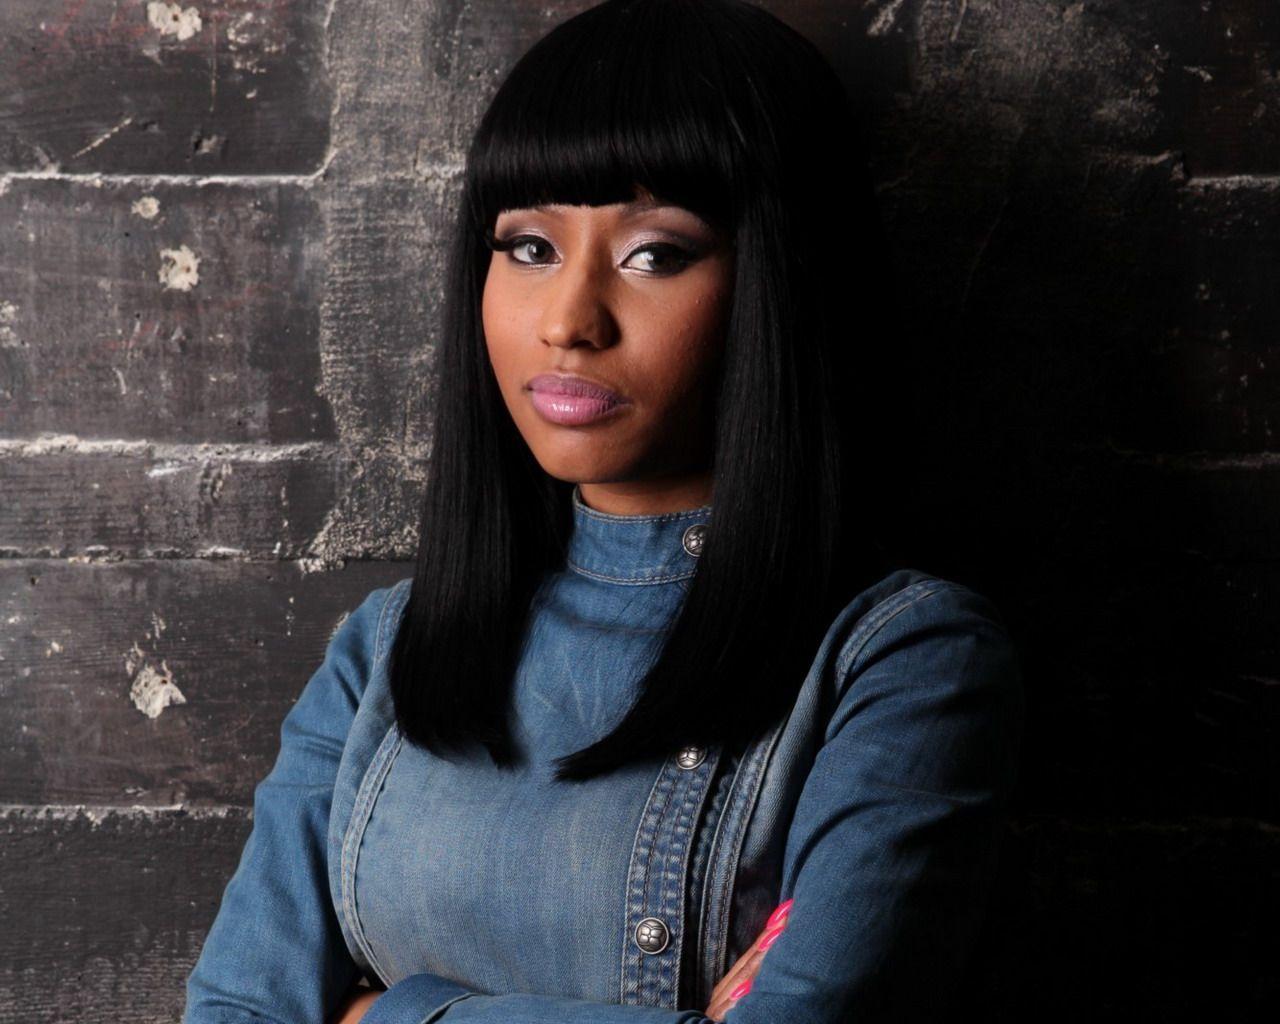 Free Nicki Minaj Wallpapers - Wallpaper Cave